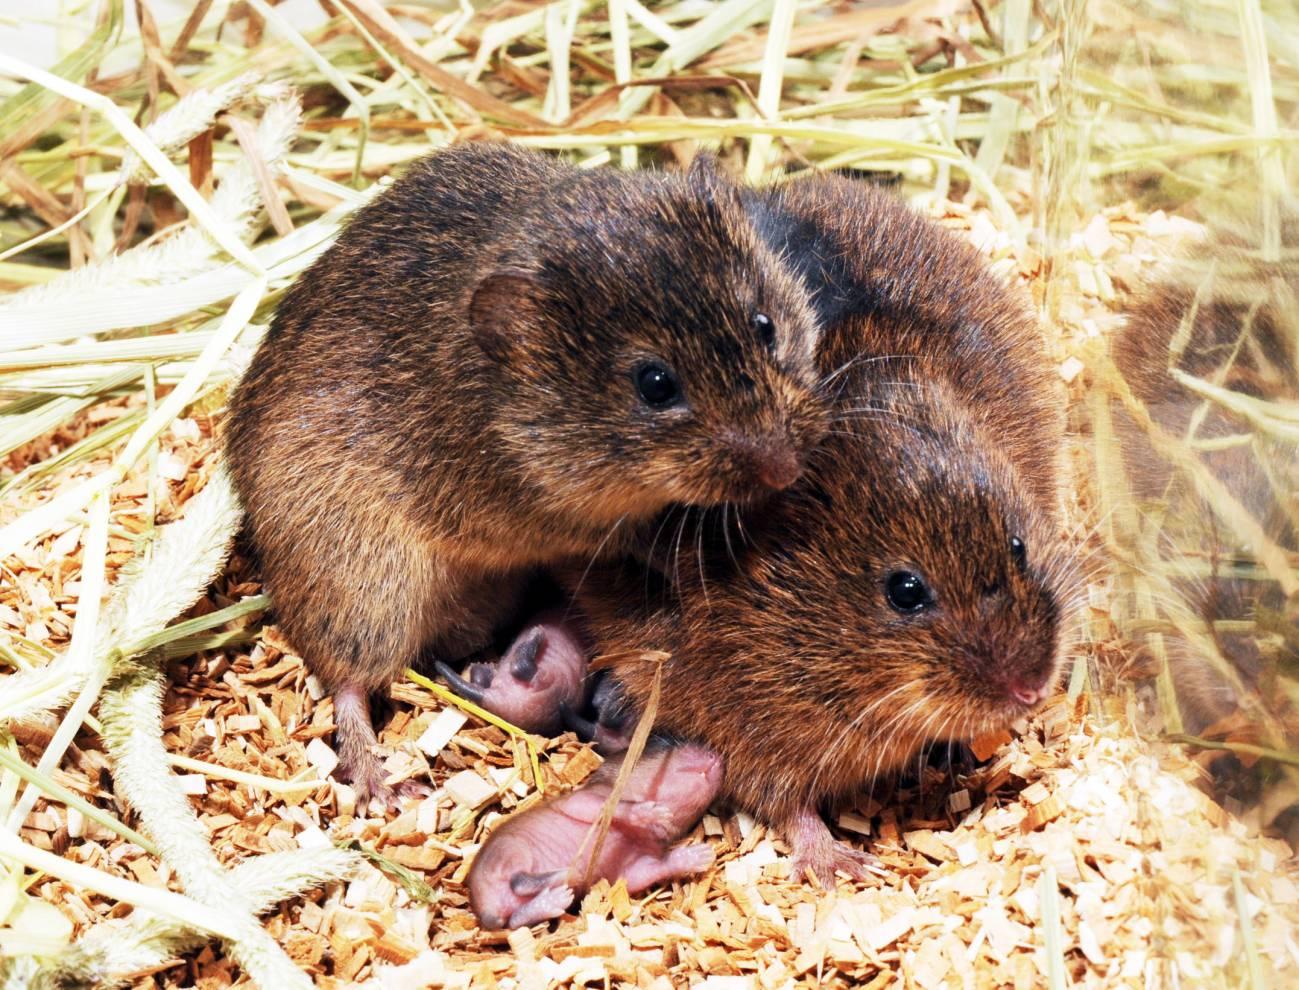 La ratones de campo desarrollan una fuerte preferencia por una pareja después de apareamiento y permanecen juntos para toda la vida. / Zuoxin Wang (Nature)